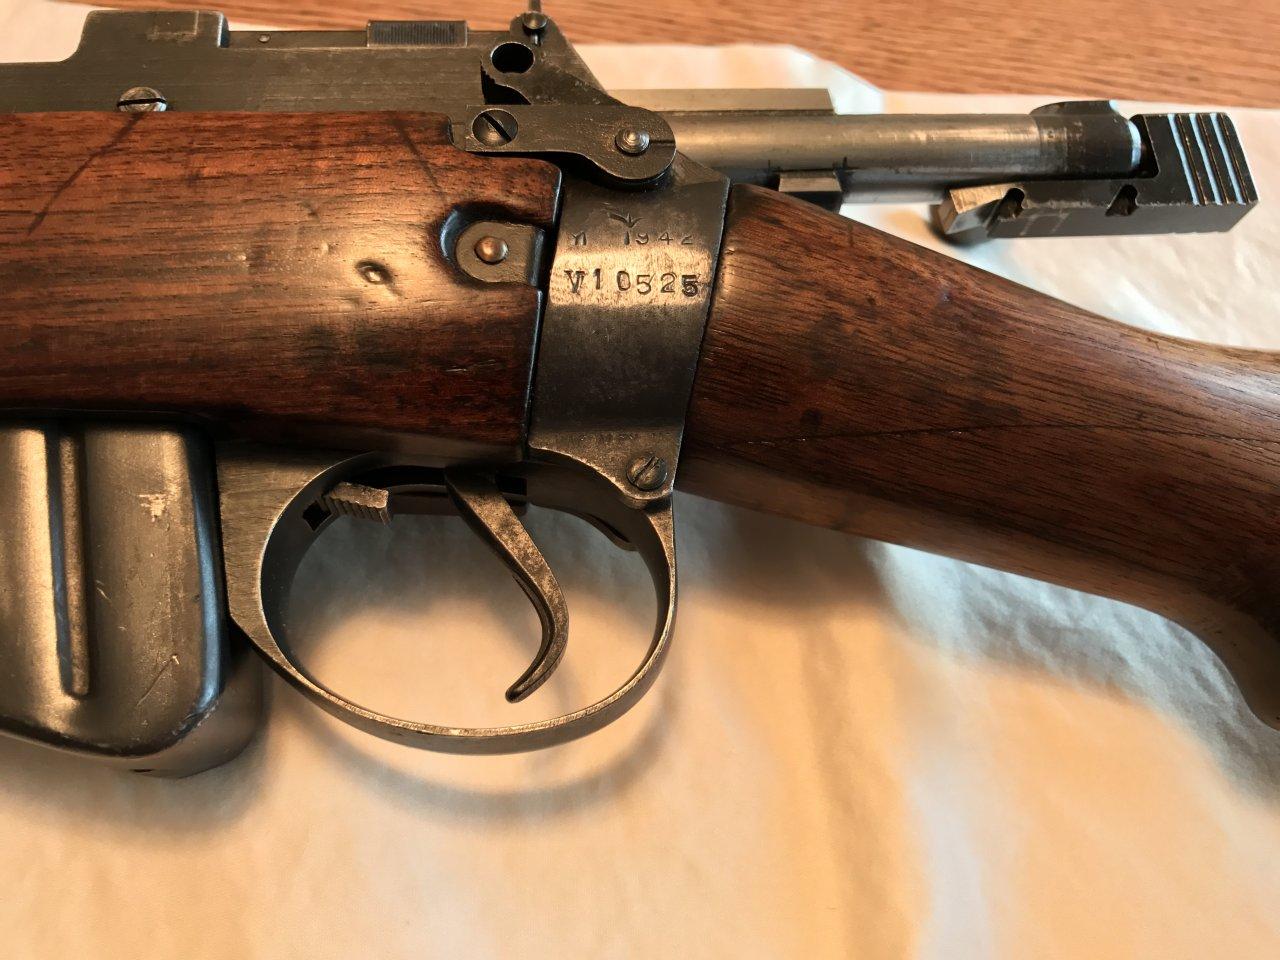 Low S/n SMLE No4 Mk1? | Gun Values Board